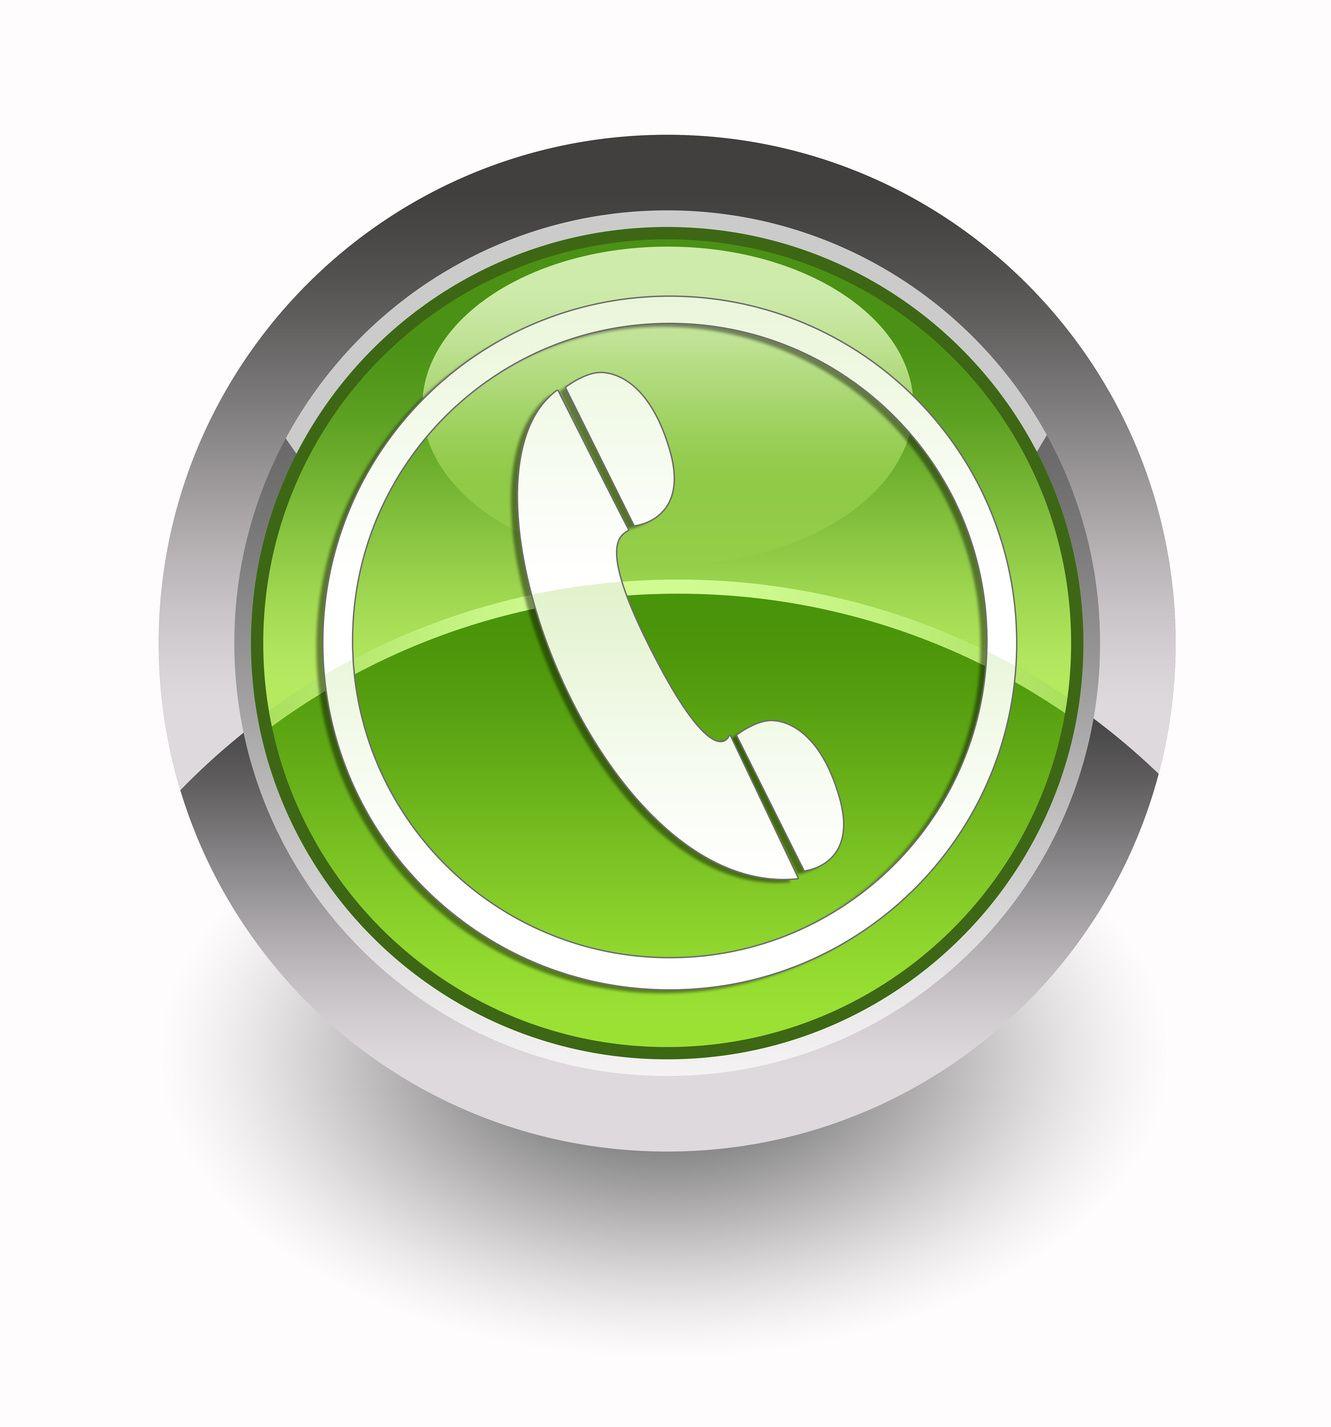 Dein Kontakt zu einem schnellen IT-Dienstleister